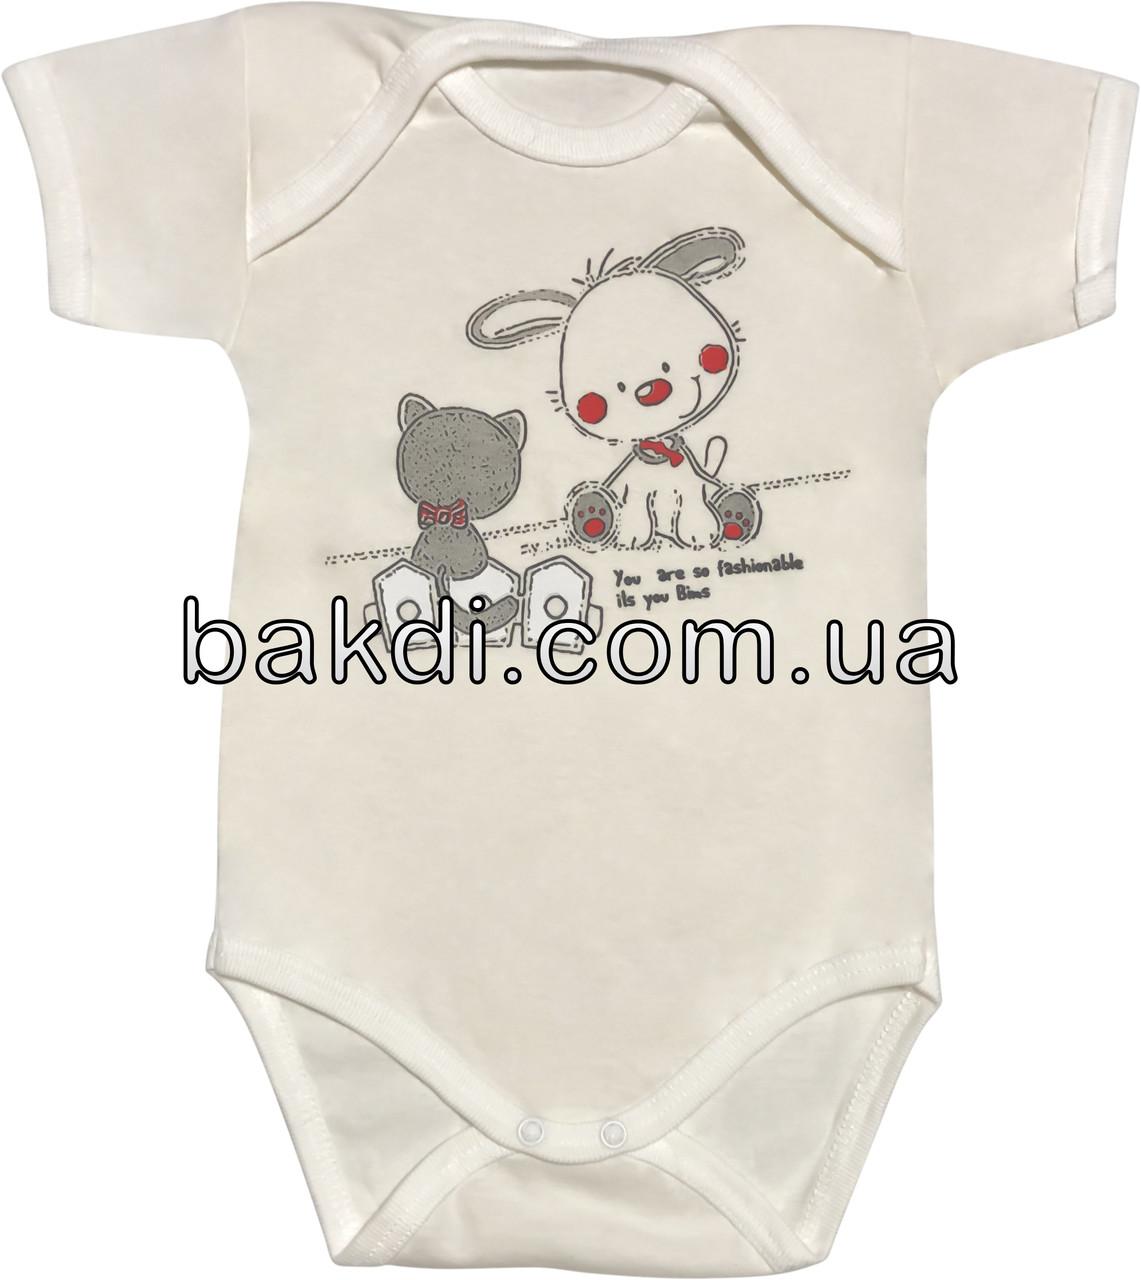 Дитяче літнє тонке боді ріст 80 9-12 міс бавовна кулір молочний бодік на хлопчика дівчинку з коротким рукавом